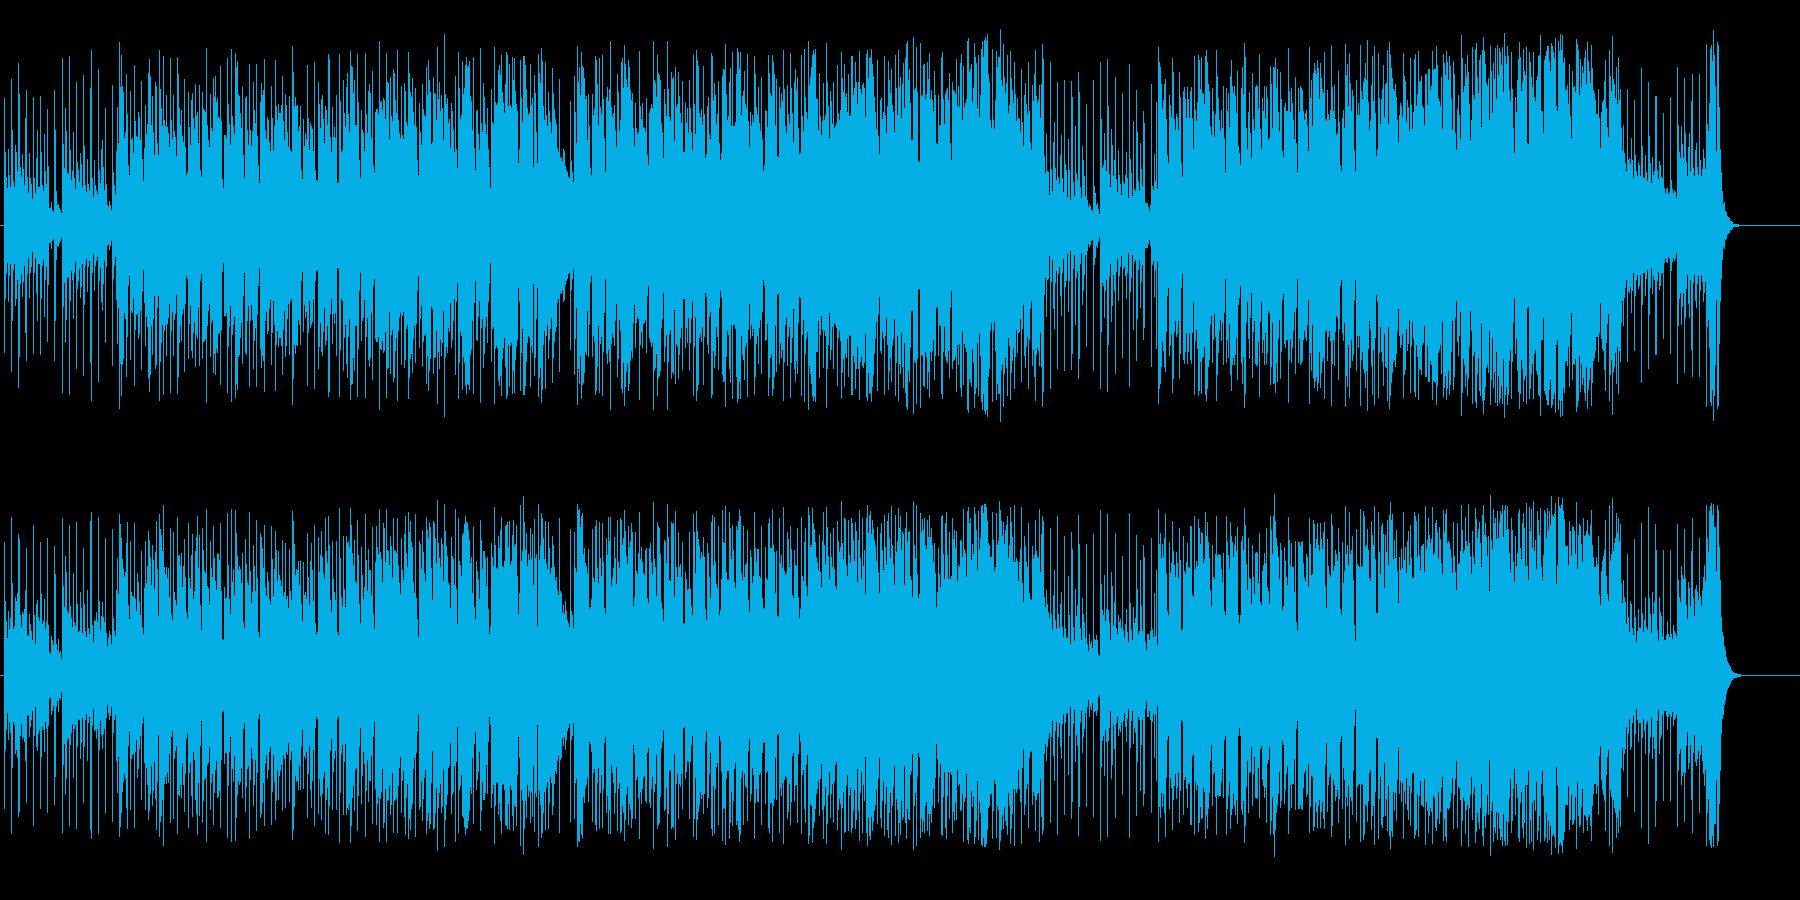 ブレックファーストタイムイメージの再生済みの波形